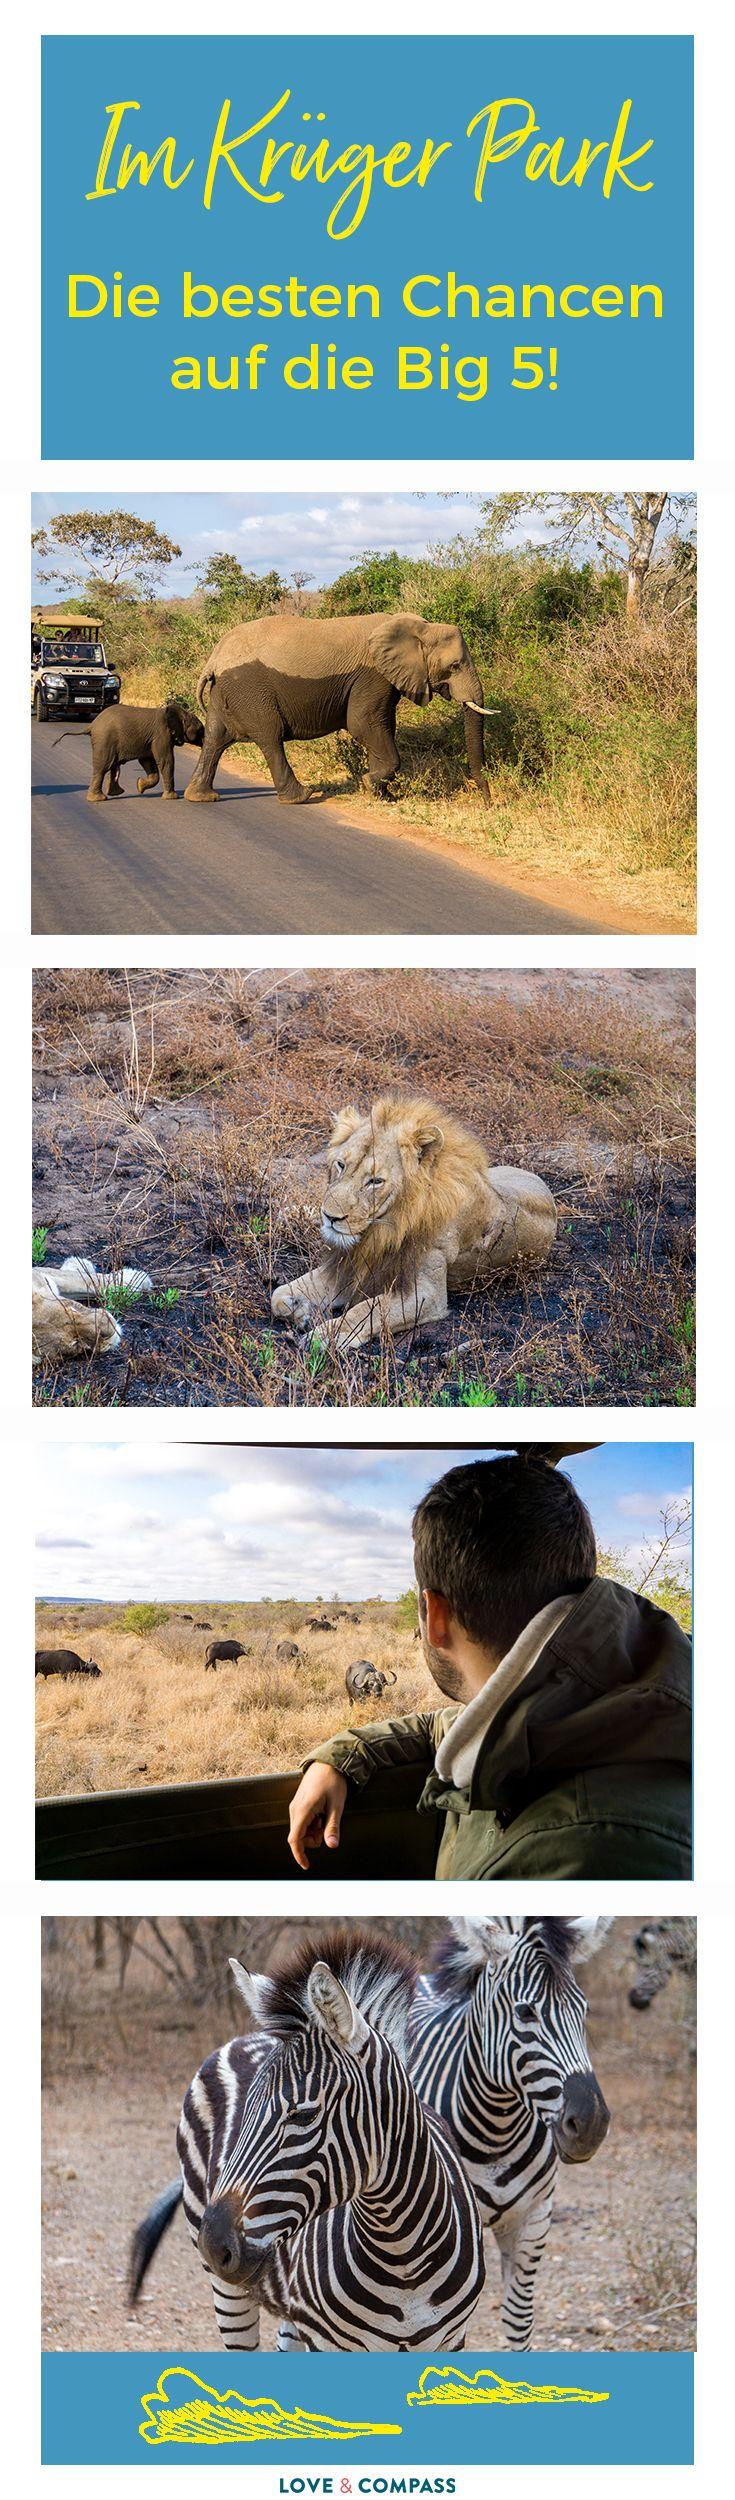 Zu jeder Südafrika Reise zählt eine Safari zu den Must Do´s! Eine der beliebtesten Ecken dafür ist der Krüger Nationalpark. Kein Wunder, denn hier besteht die größte Chance alle Big 5 Tiere während einer Safari zu sehen. Deshalb findet ihr in diesem Beitrag alle wichtigen Tipps & Infos. Zum Beispiel zu Themen wie Malaria, Mückenstiche und Ausrüstung.